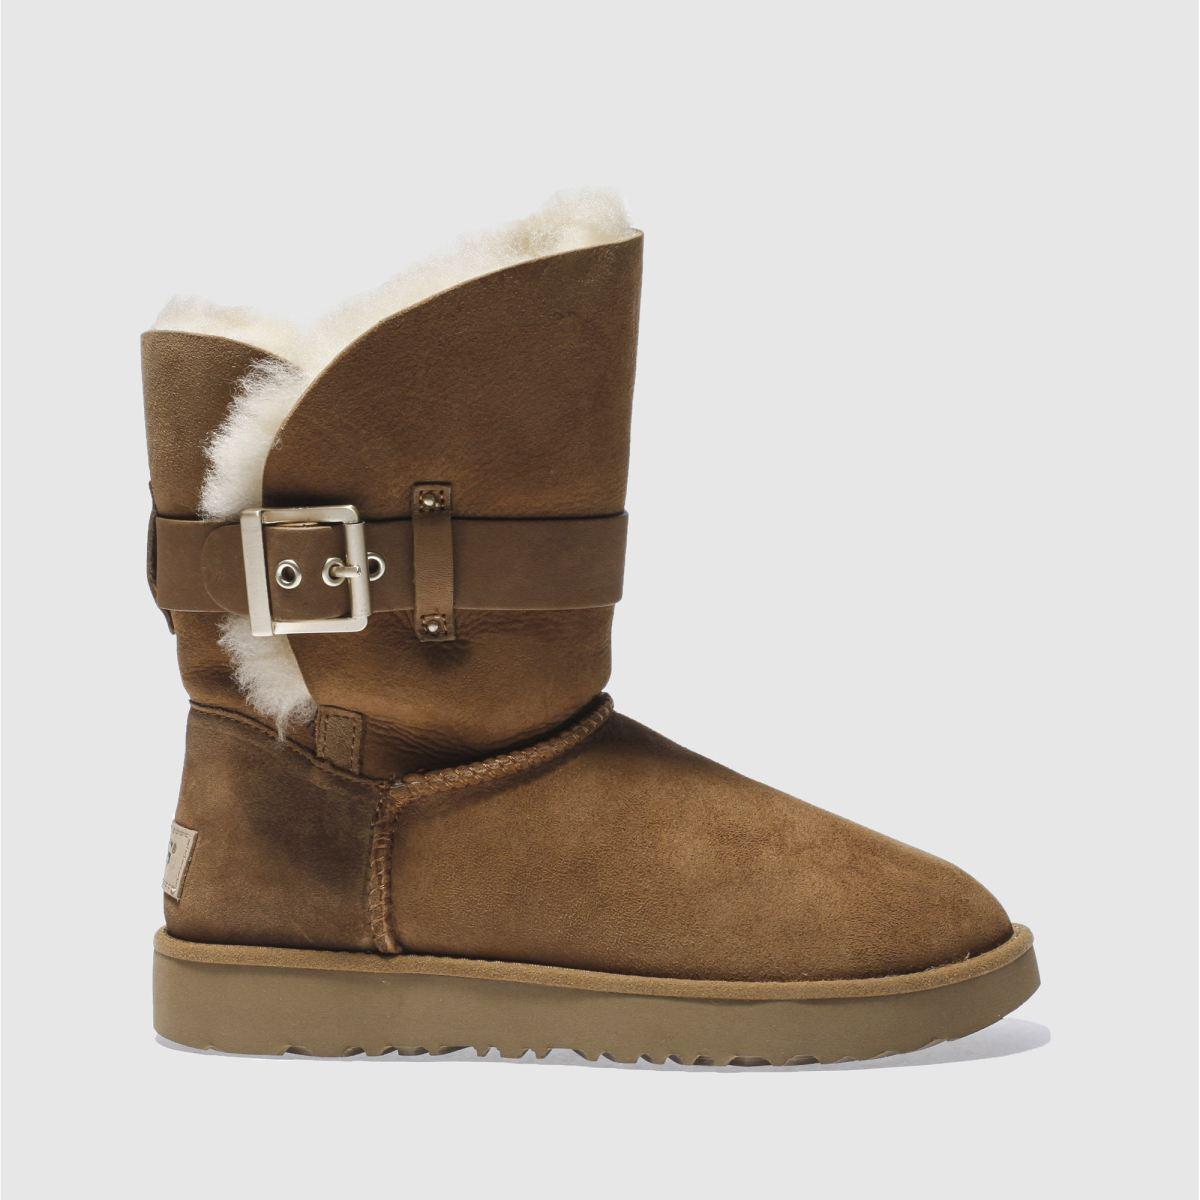 Ugg Tan Jaylyn Boots